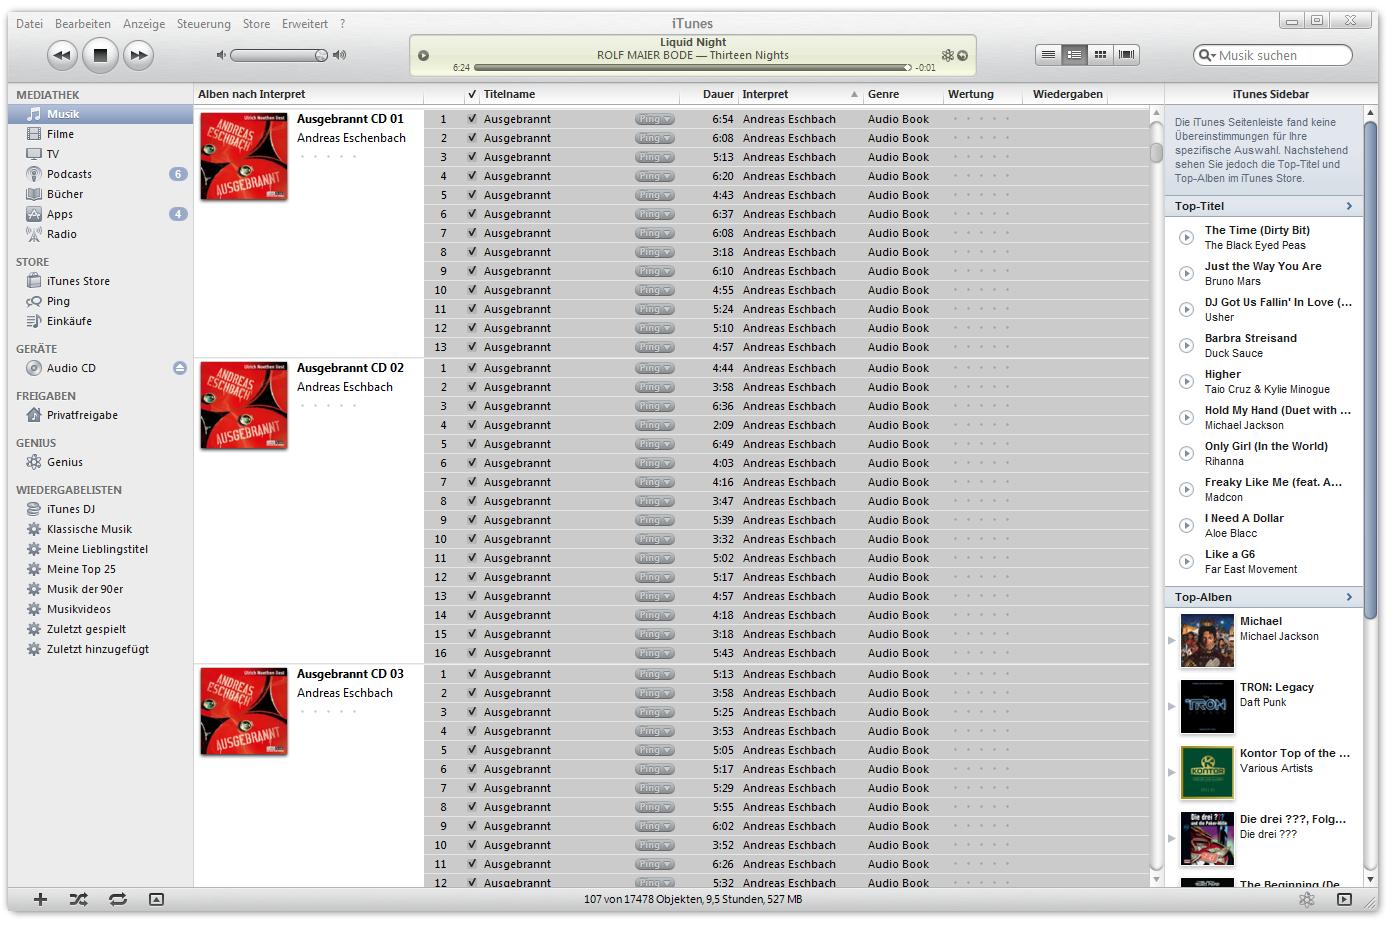 alle MP3-Dateien in iTunes markiert